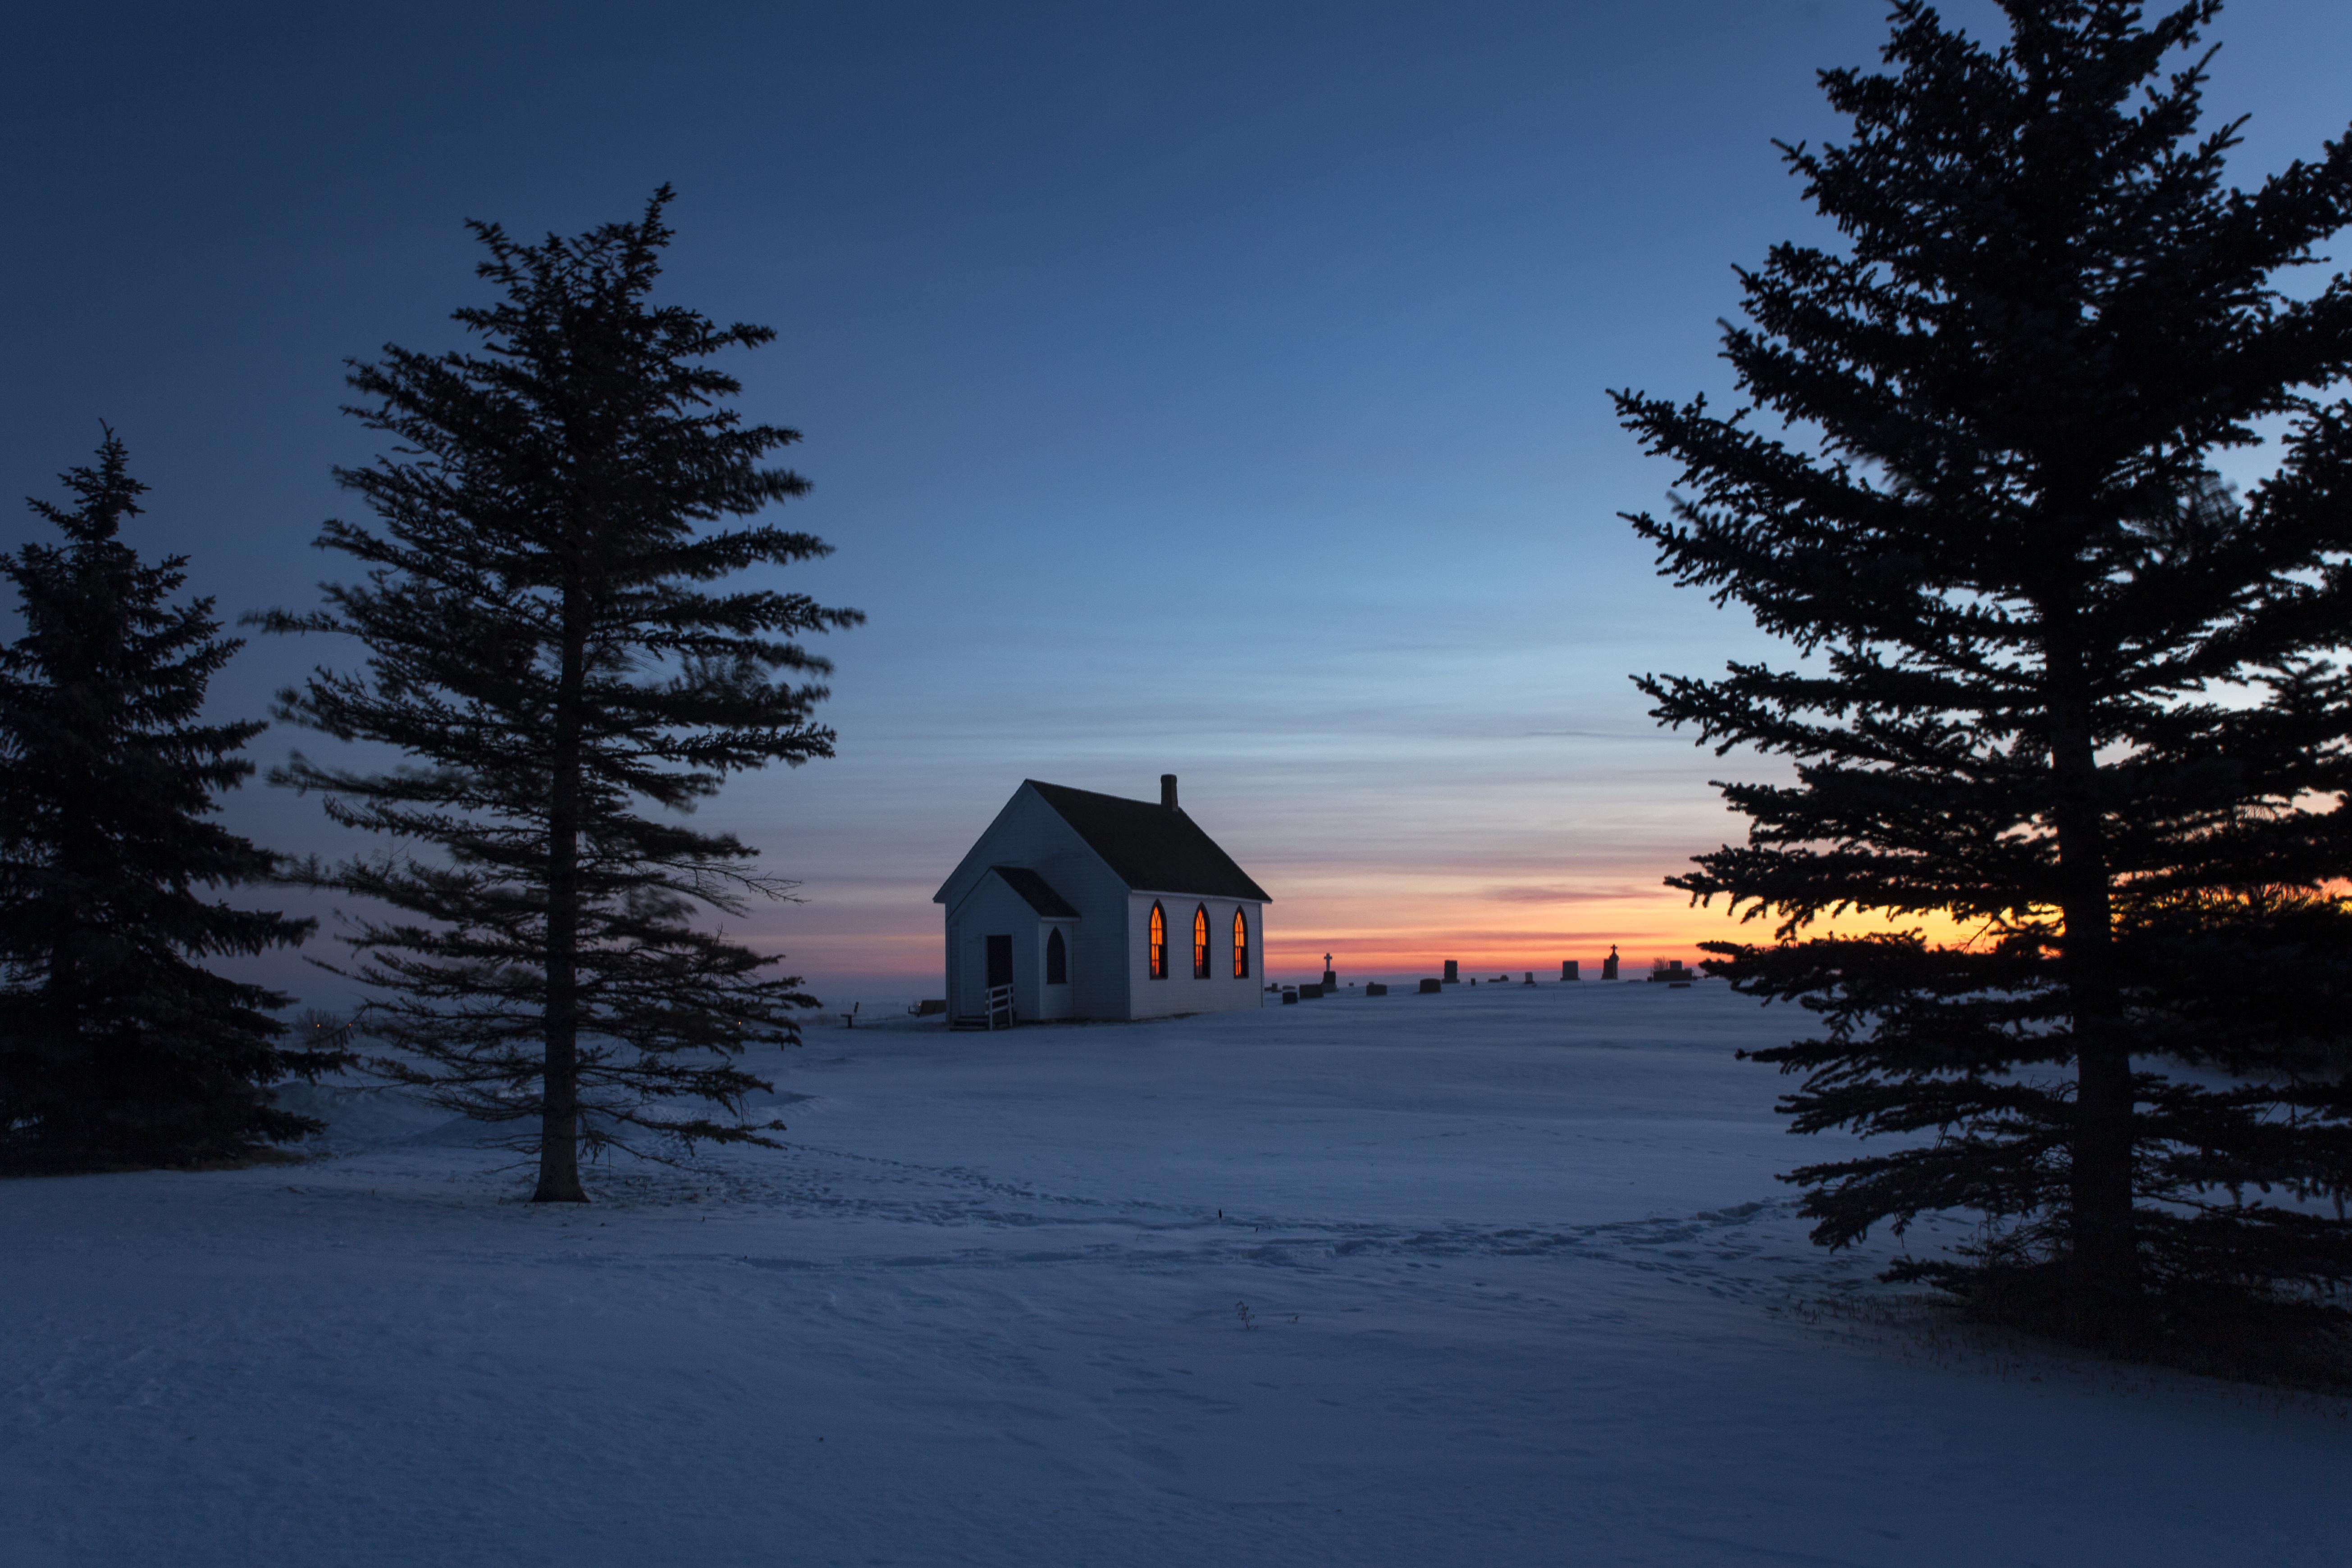 Little church at sunrise